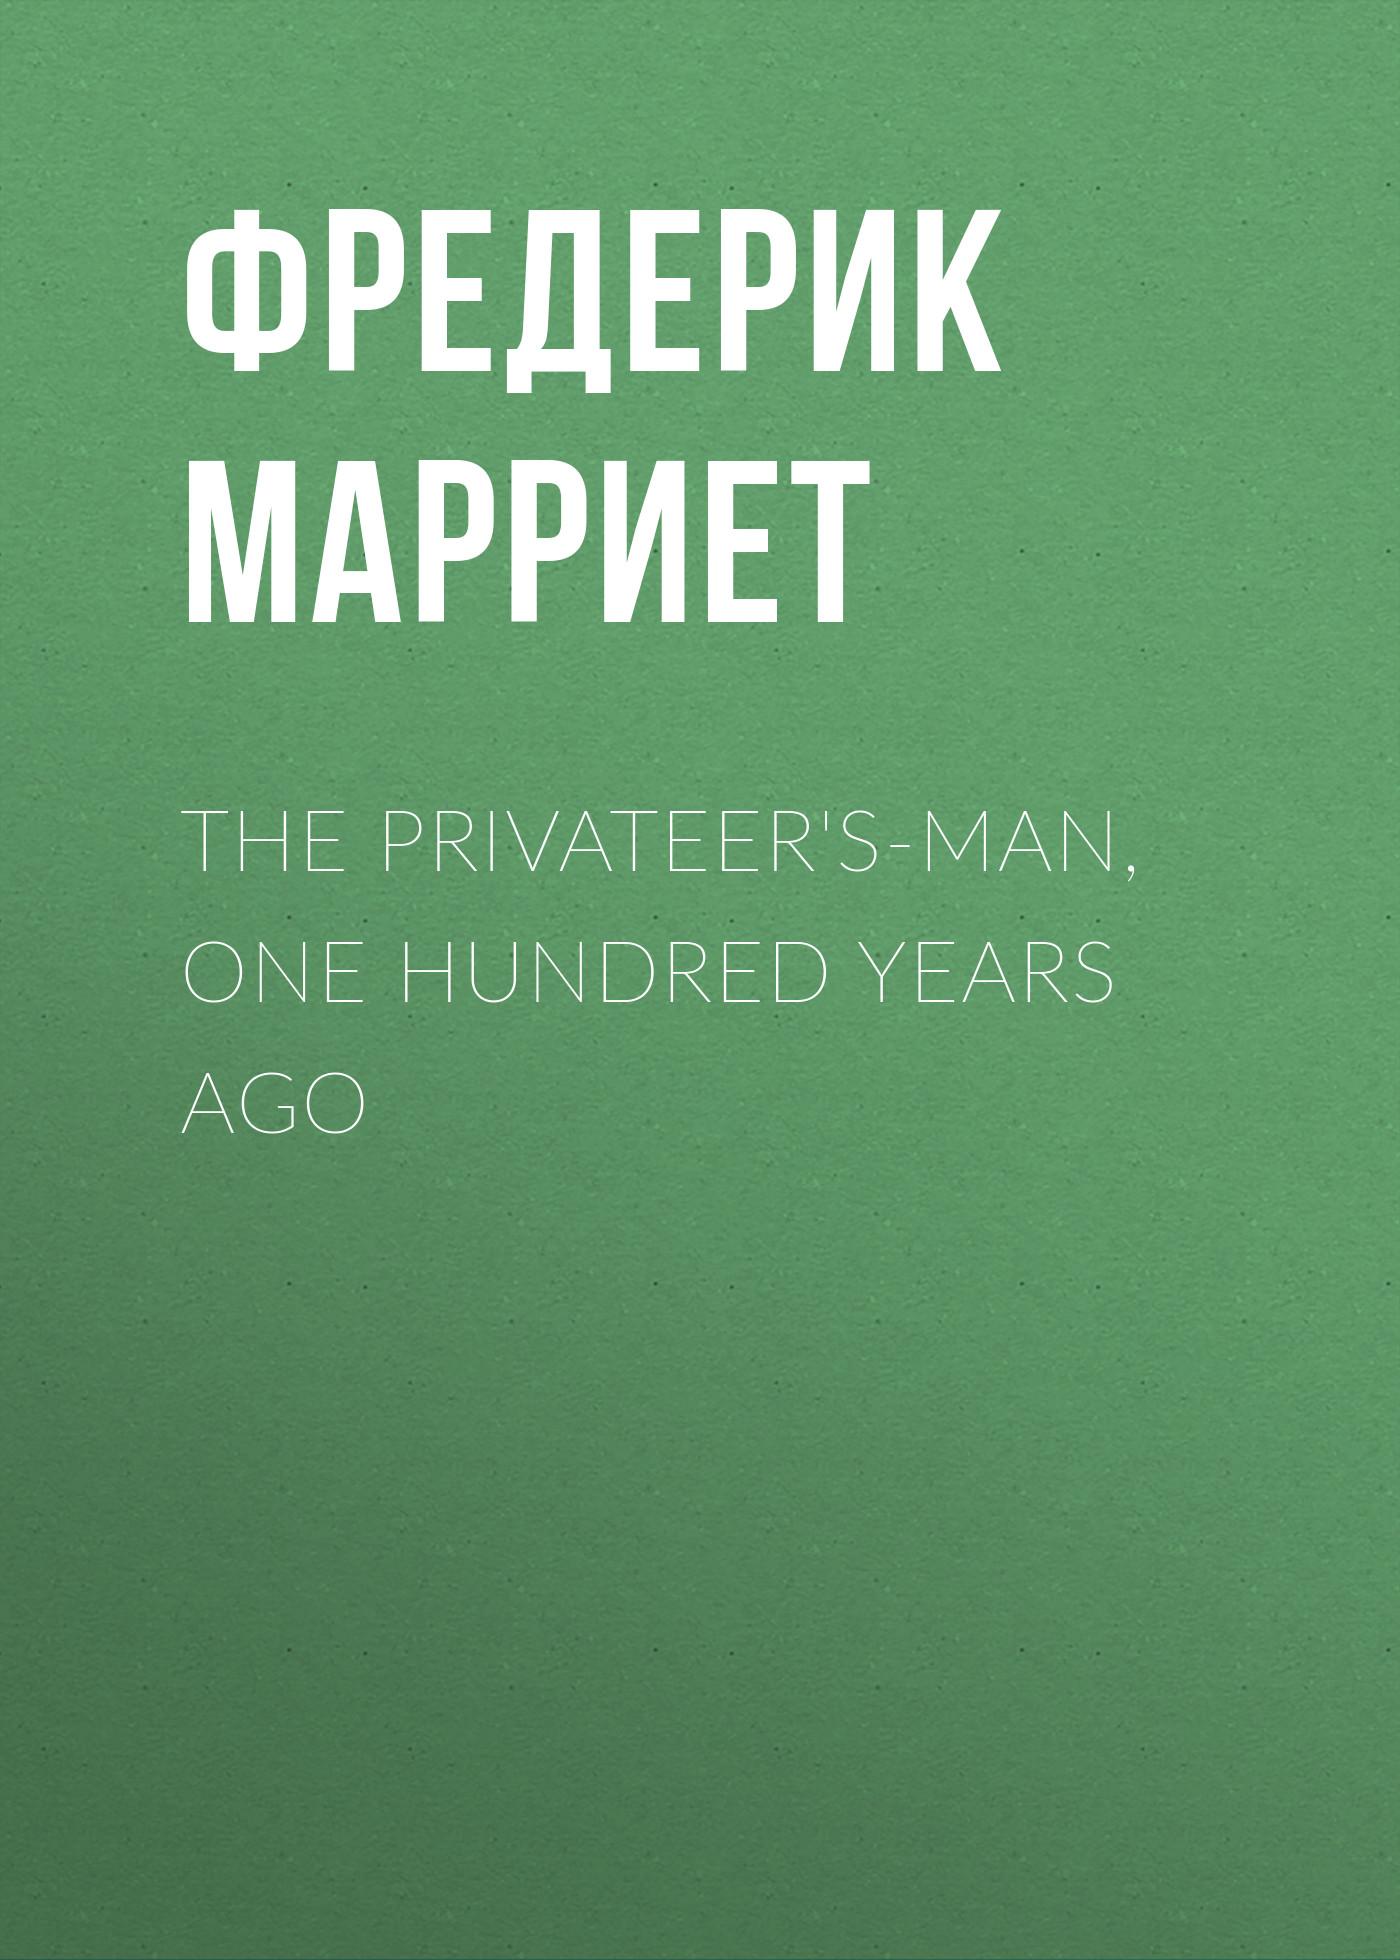 Фредерик Марриет The Privateer's-Man, One hundred Years Ago цена